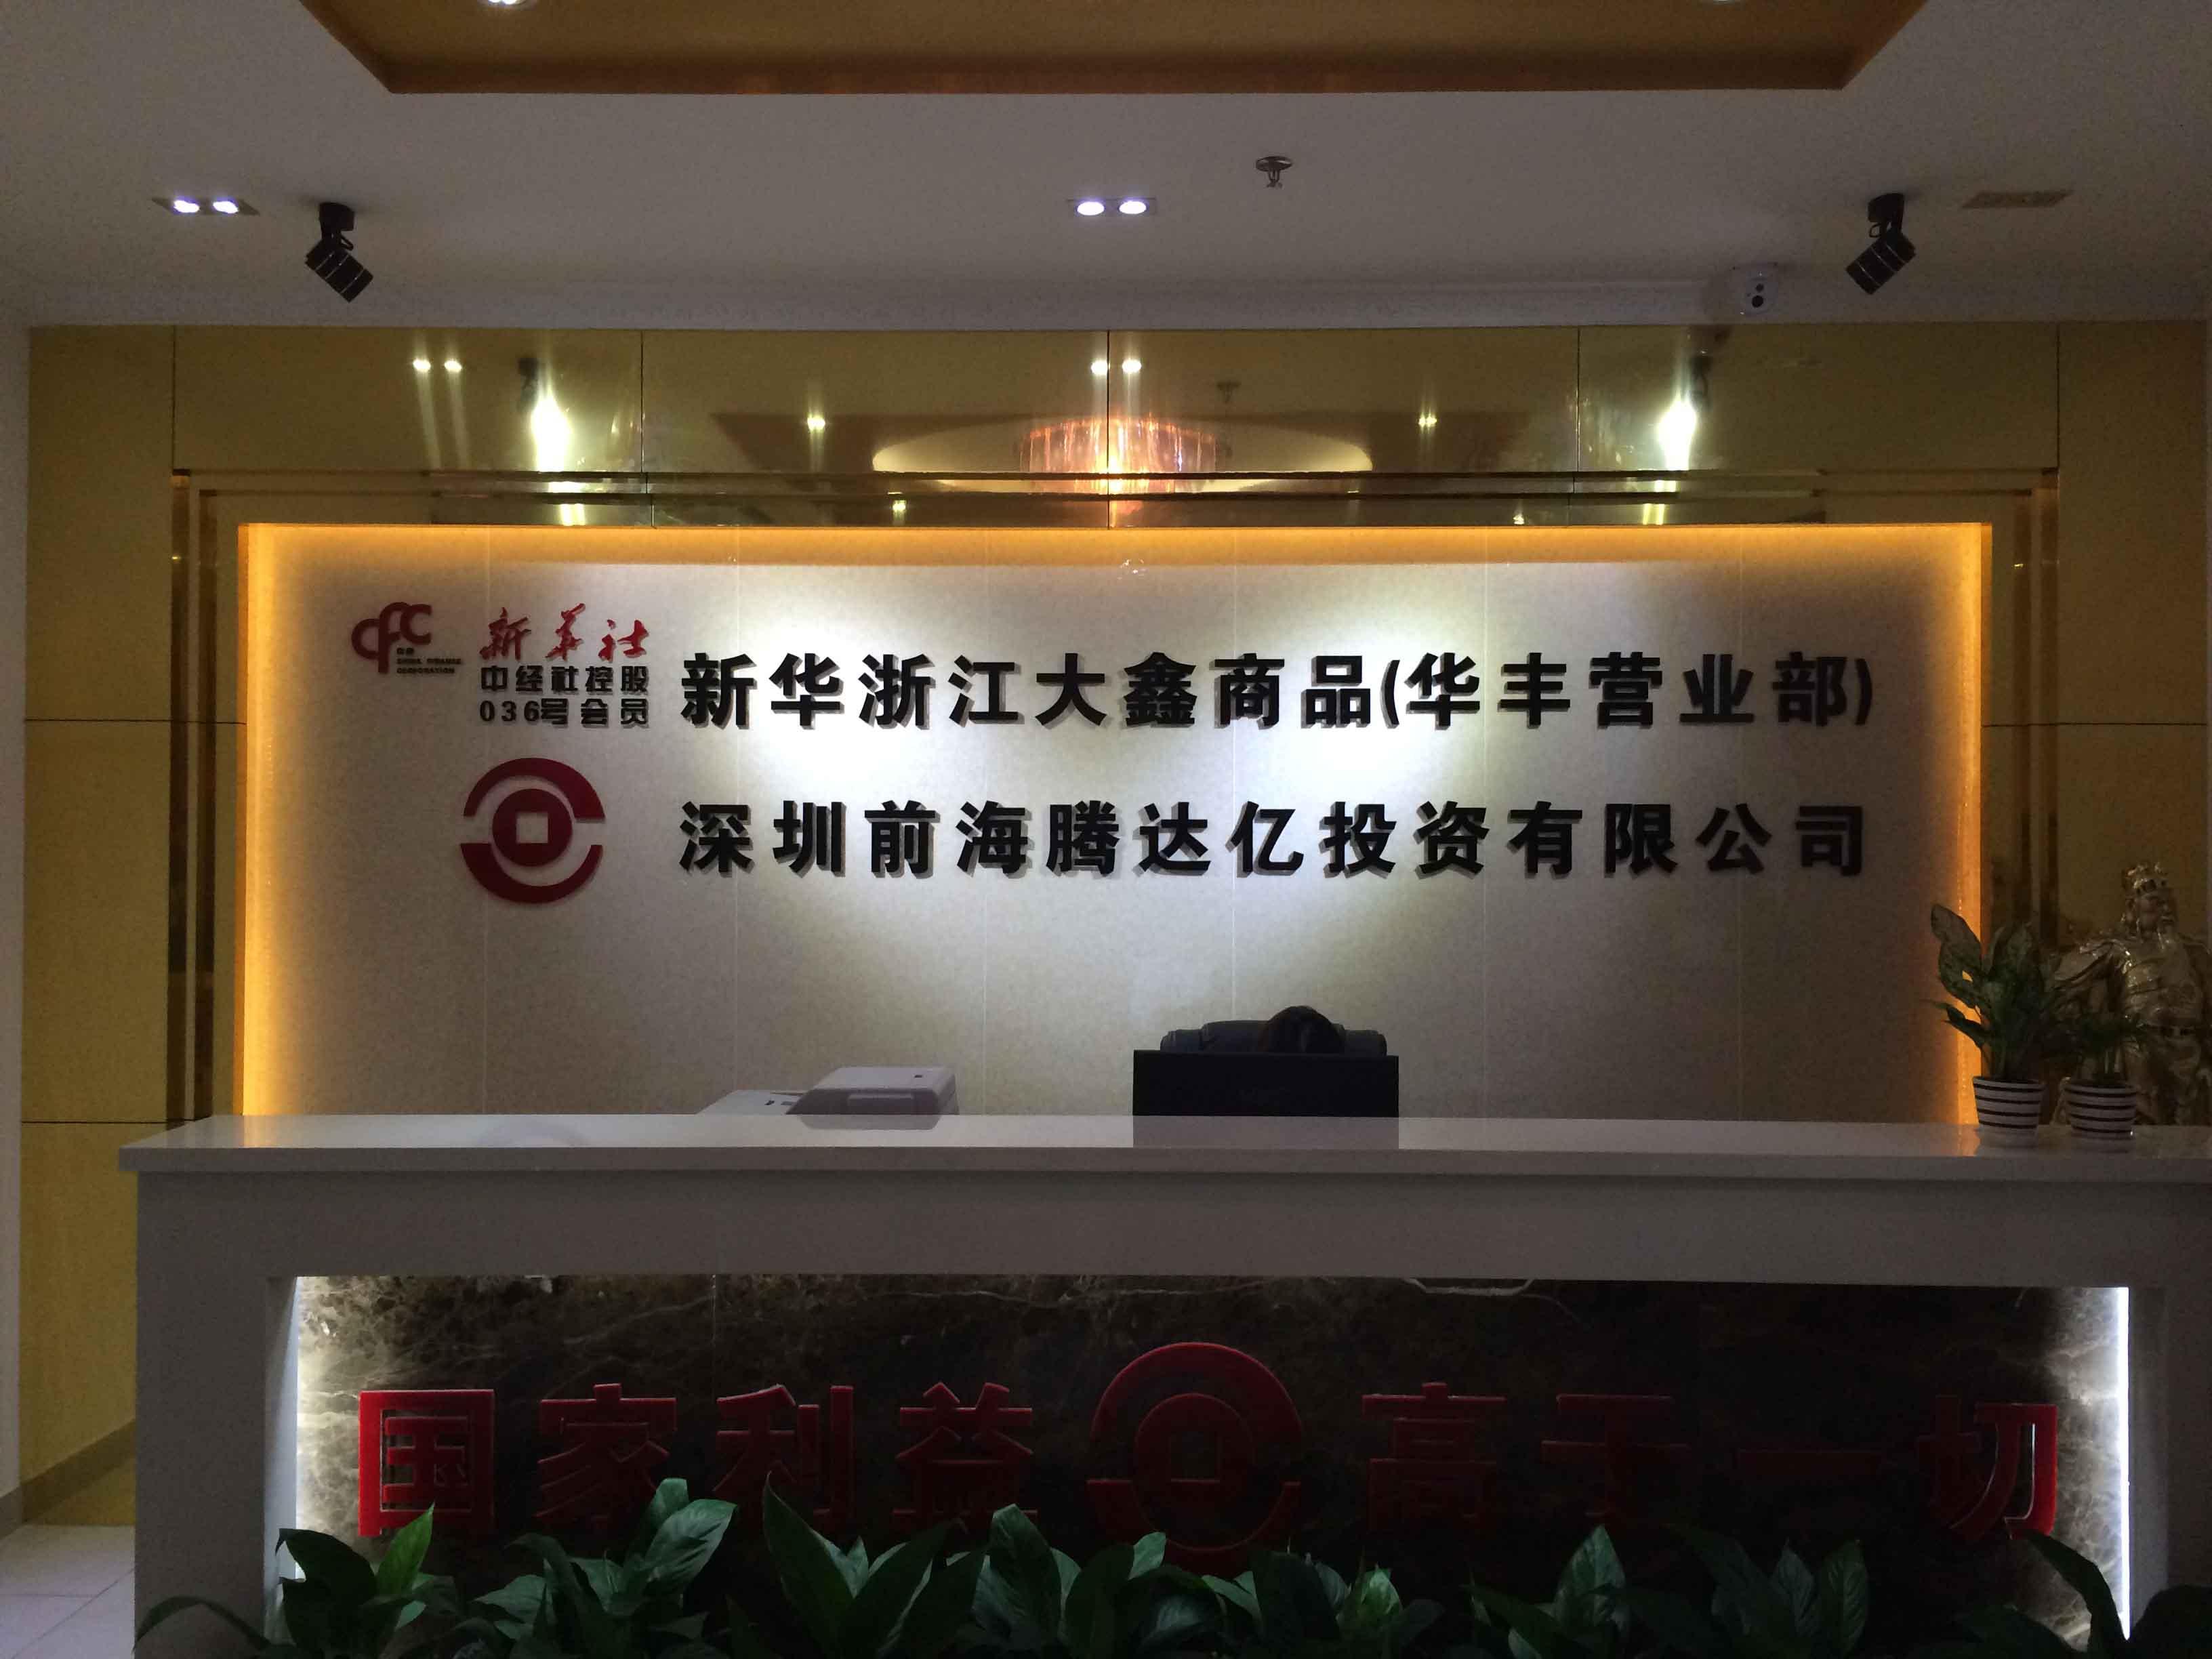 公司前台背景形象墙设计制作安装图片